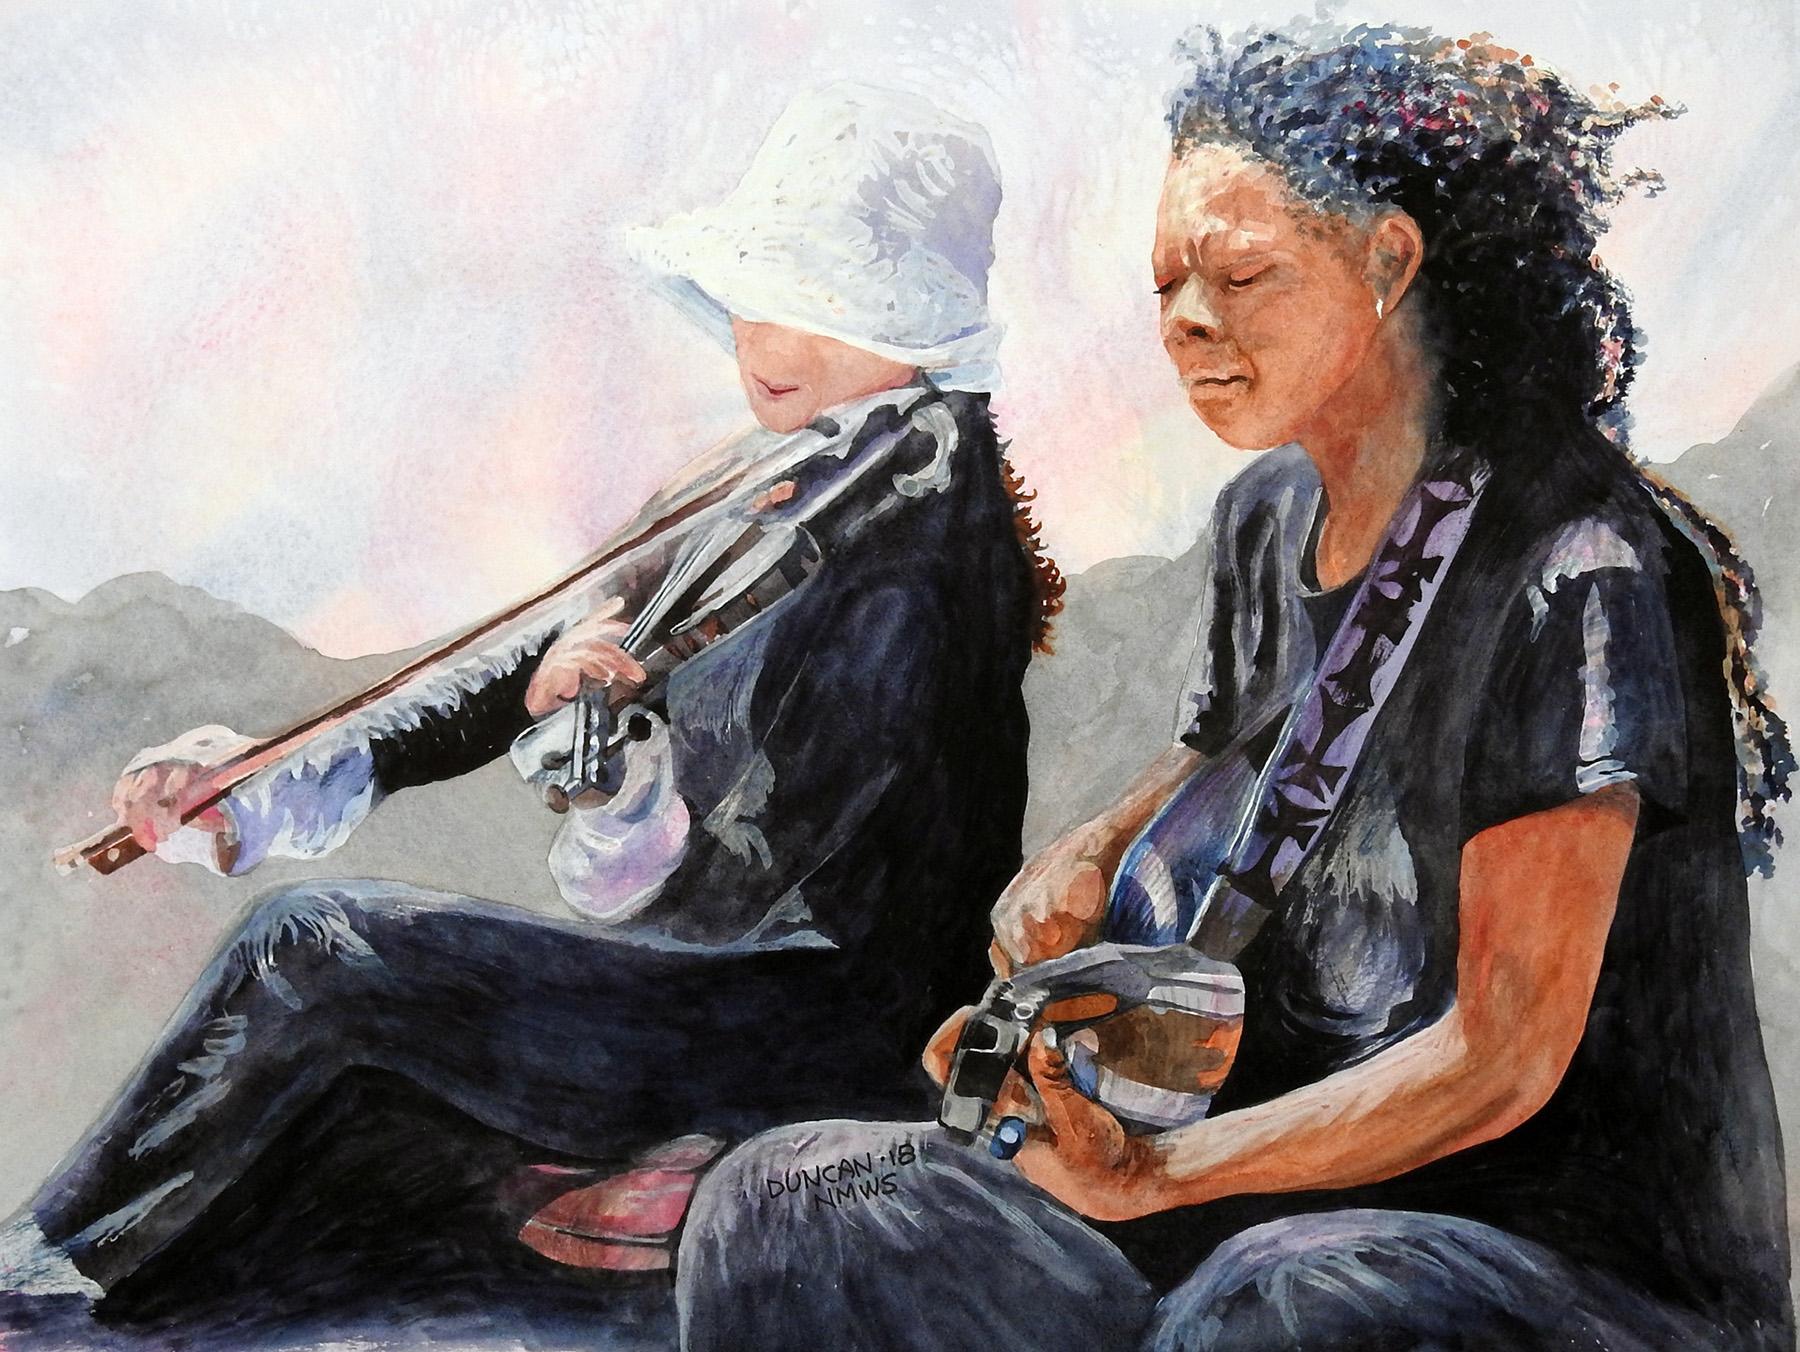 Woody Duncan: Royal Street Duo